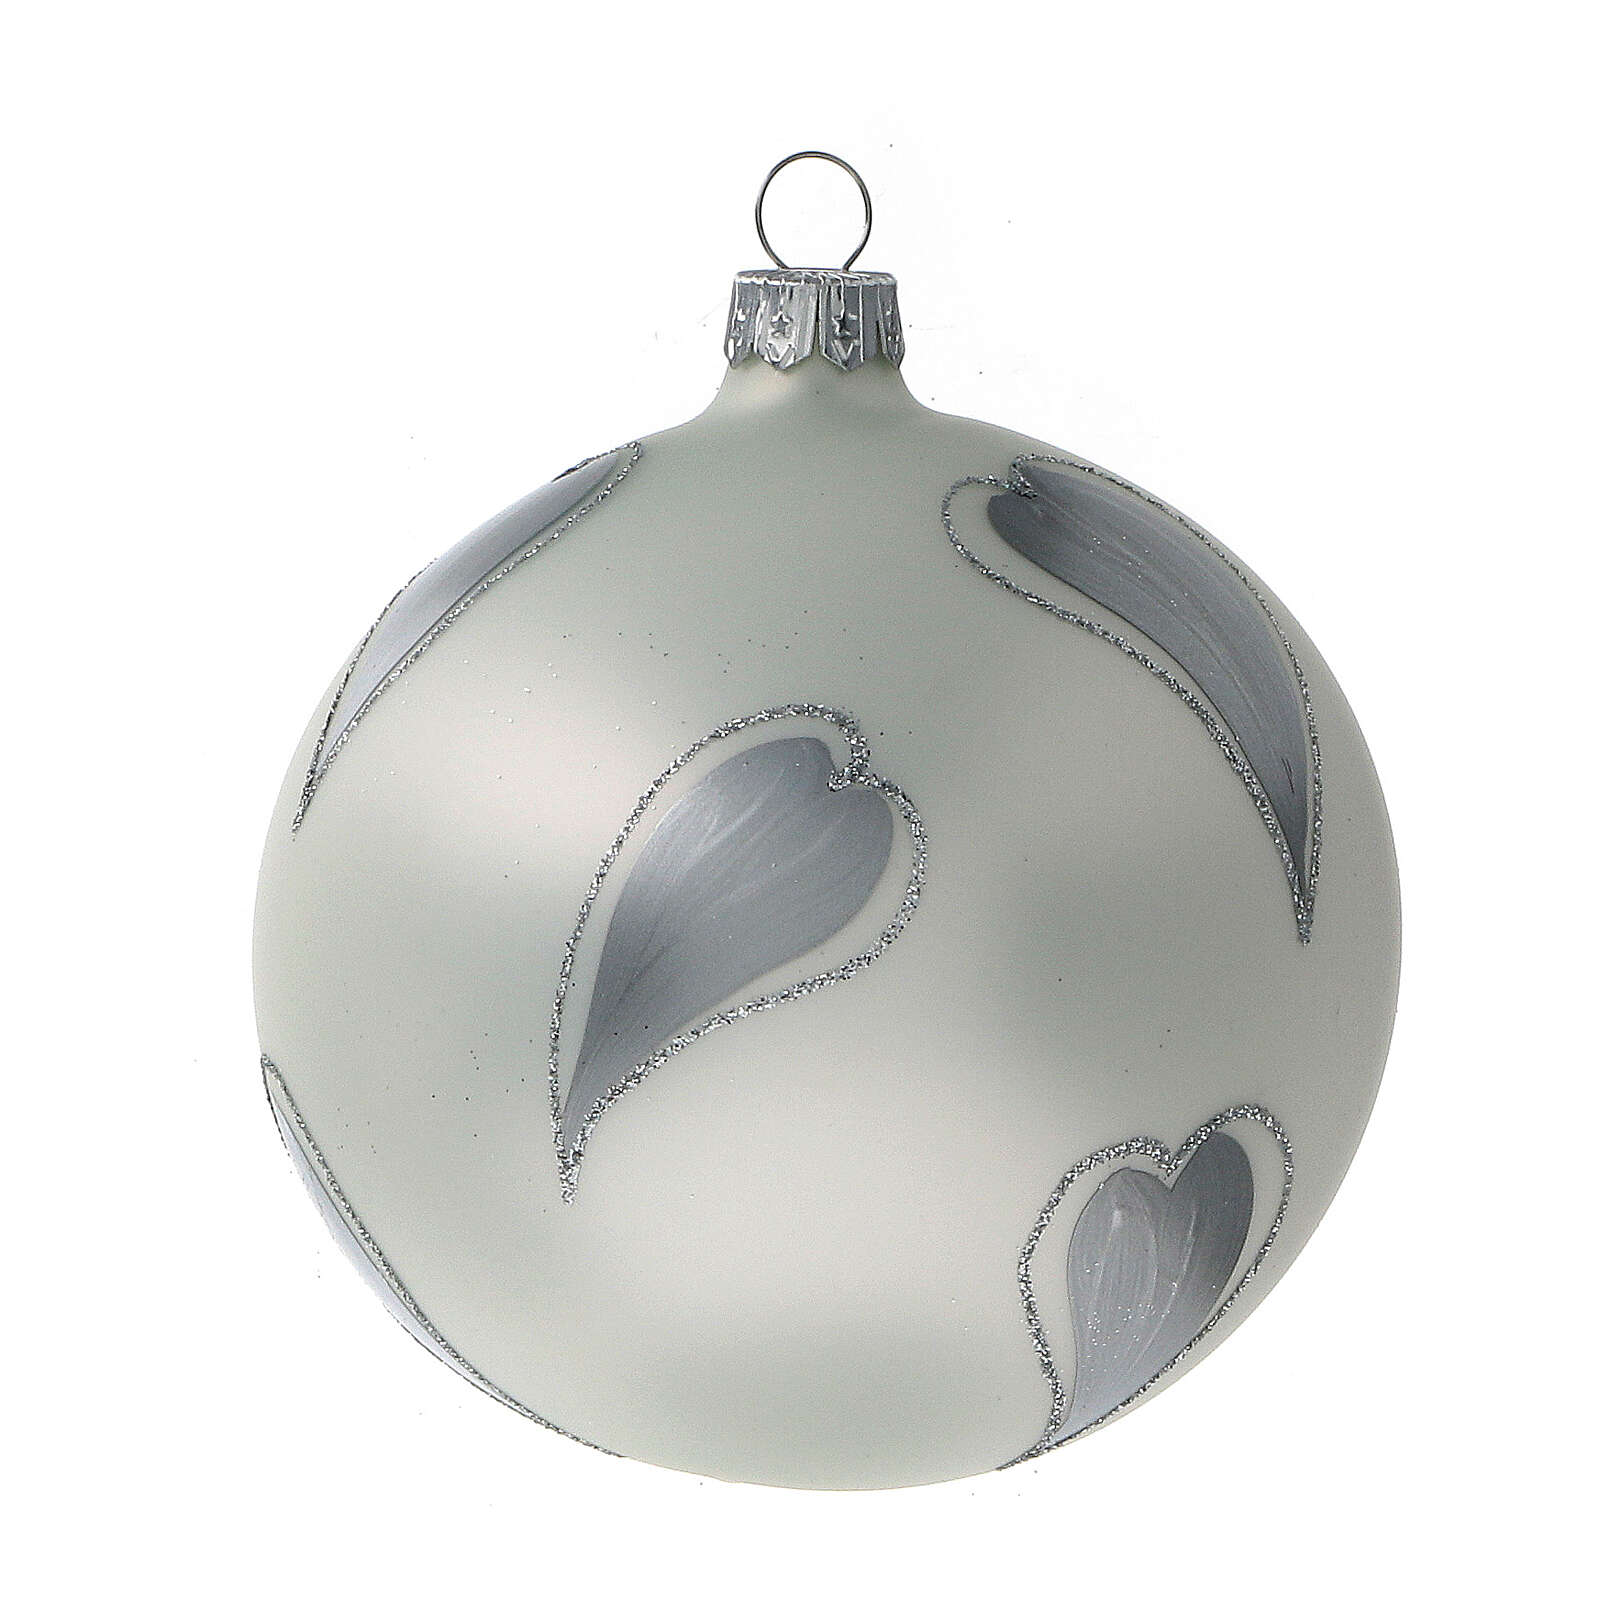 Bola árvore de Natal vidro soprado branco com corações prateados 100 mm 4